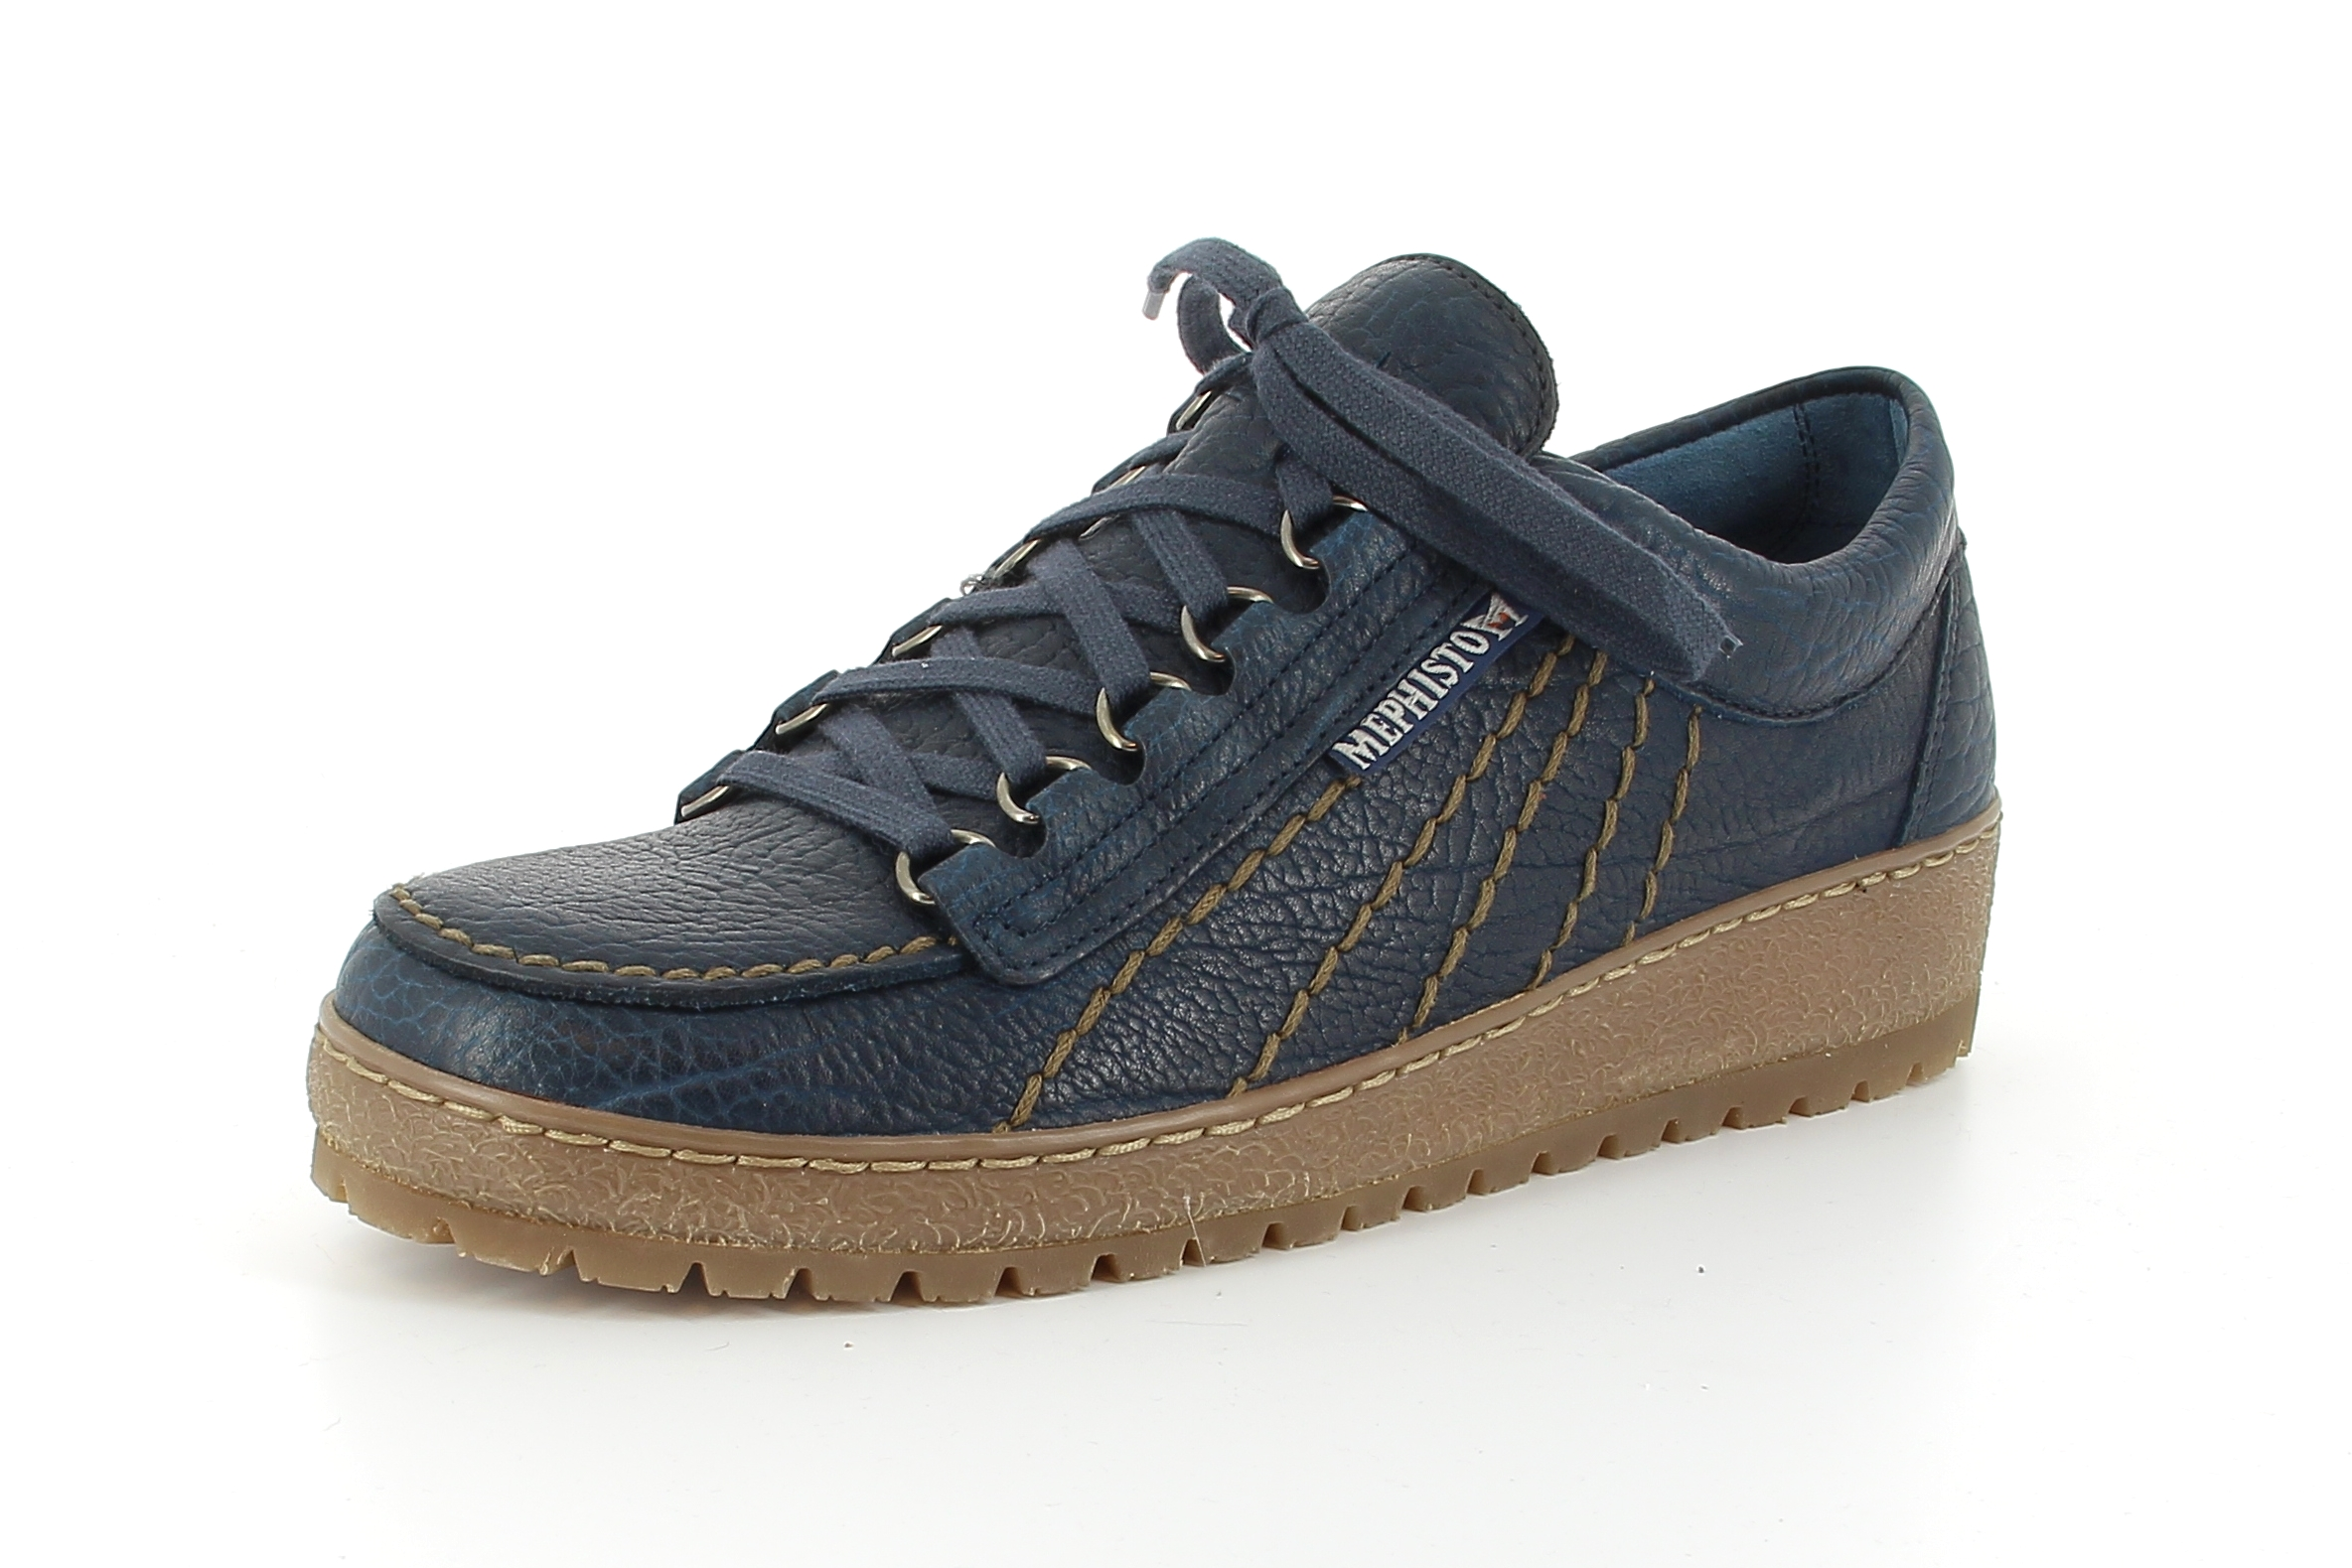 1881699ef5511e Mephisto-Shop chaussures confortables à lacets homme - modèle ...